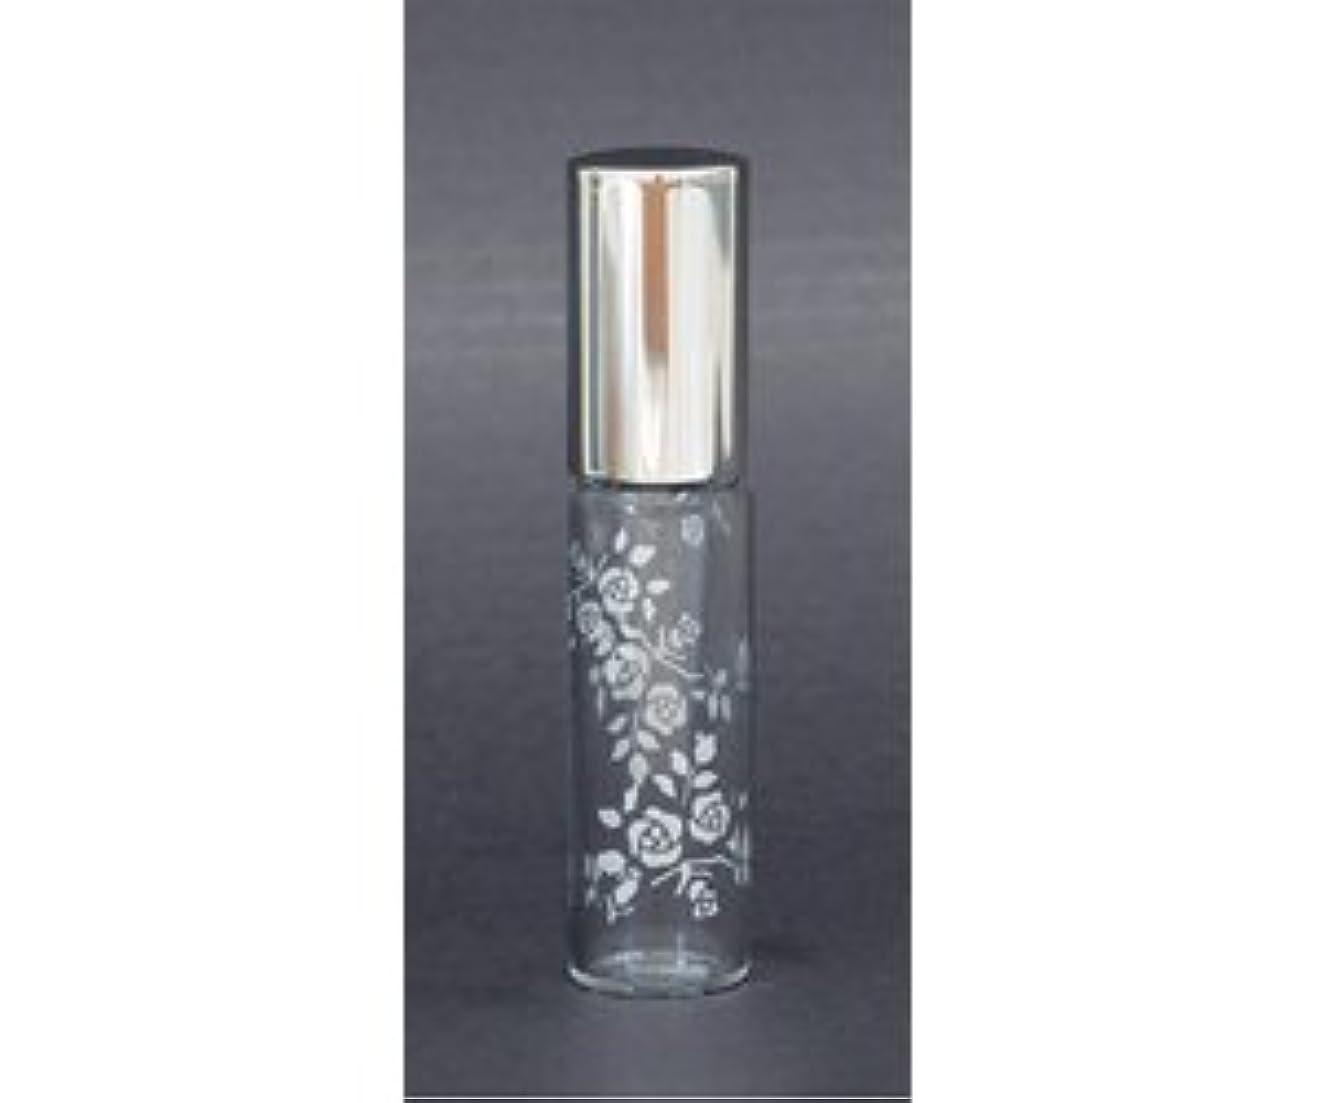 ウイルス船形パックヤマダアトマイザー コロプチ パフュームローラー 香水 携帯用 詰め換え用付属品入り 60714 アトマイザー